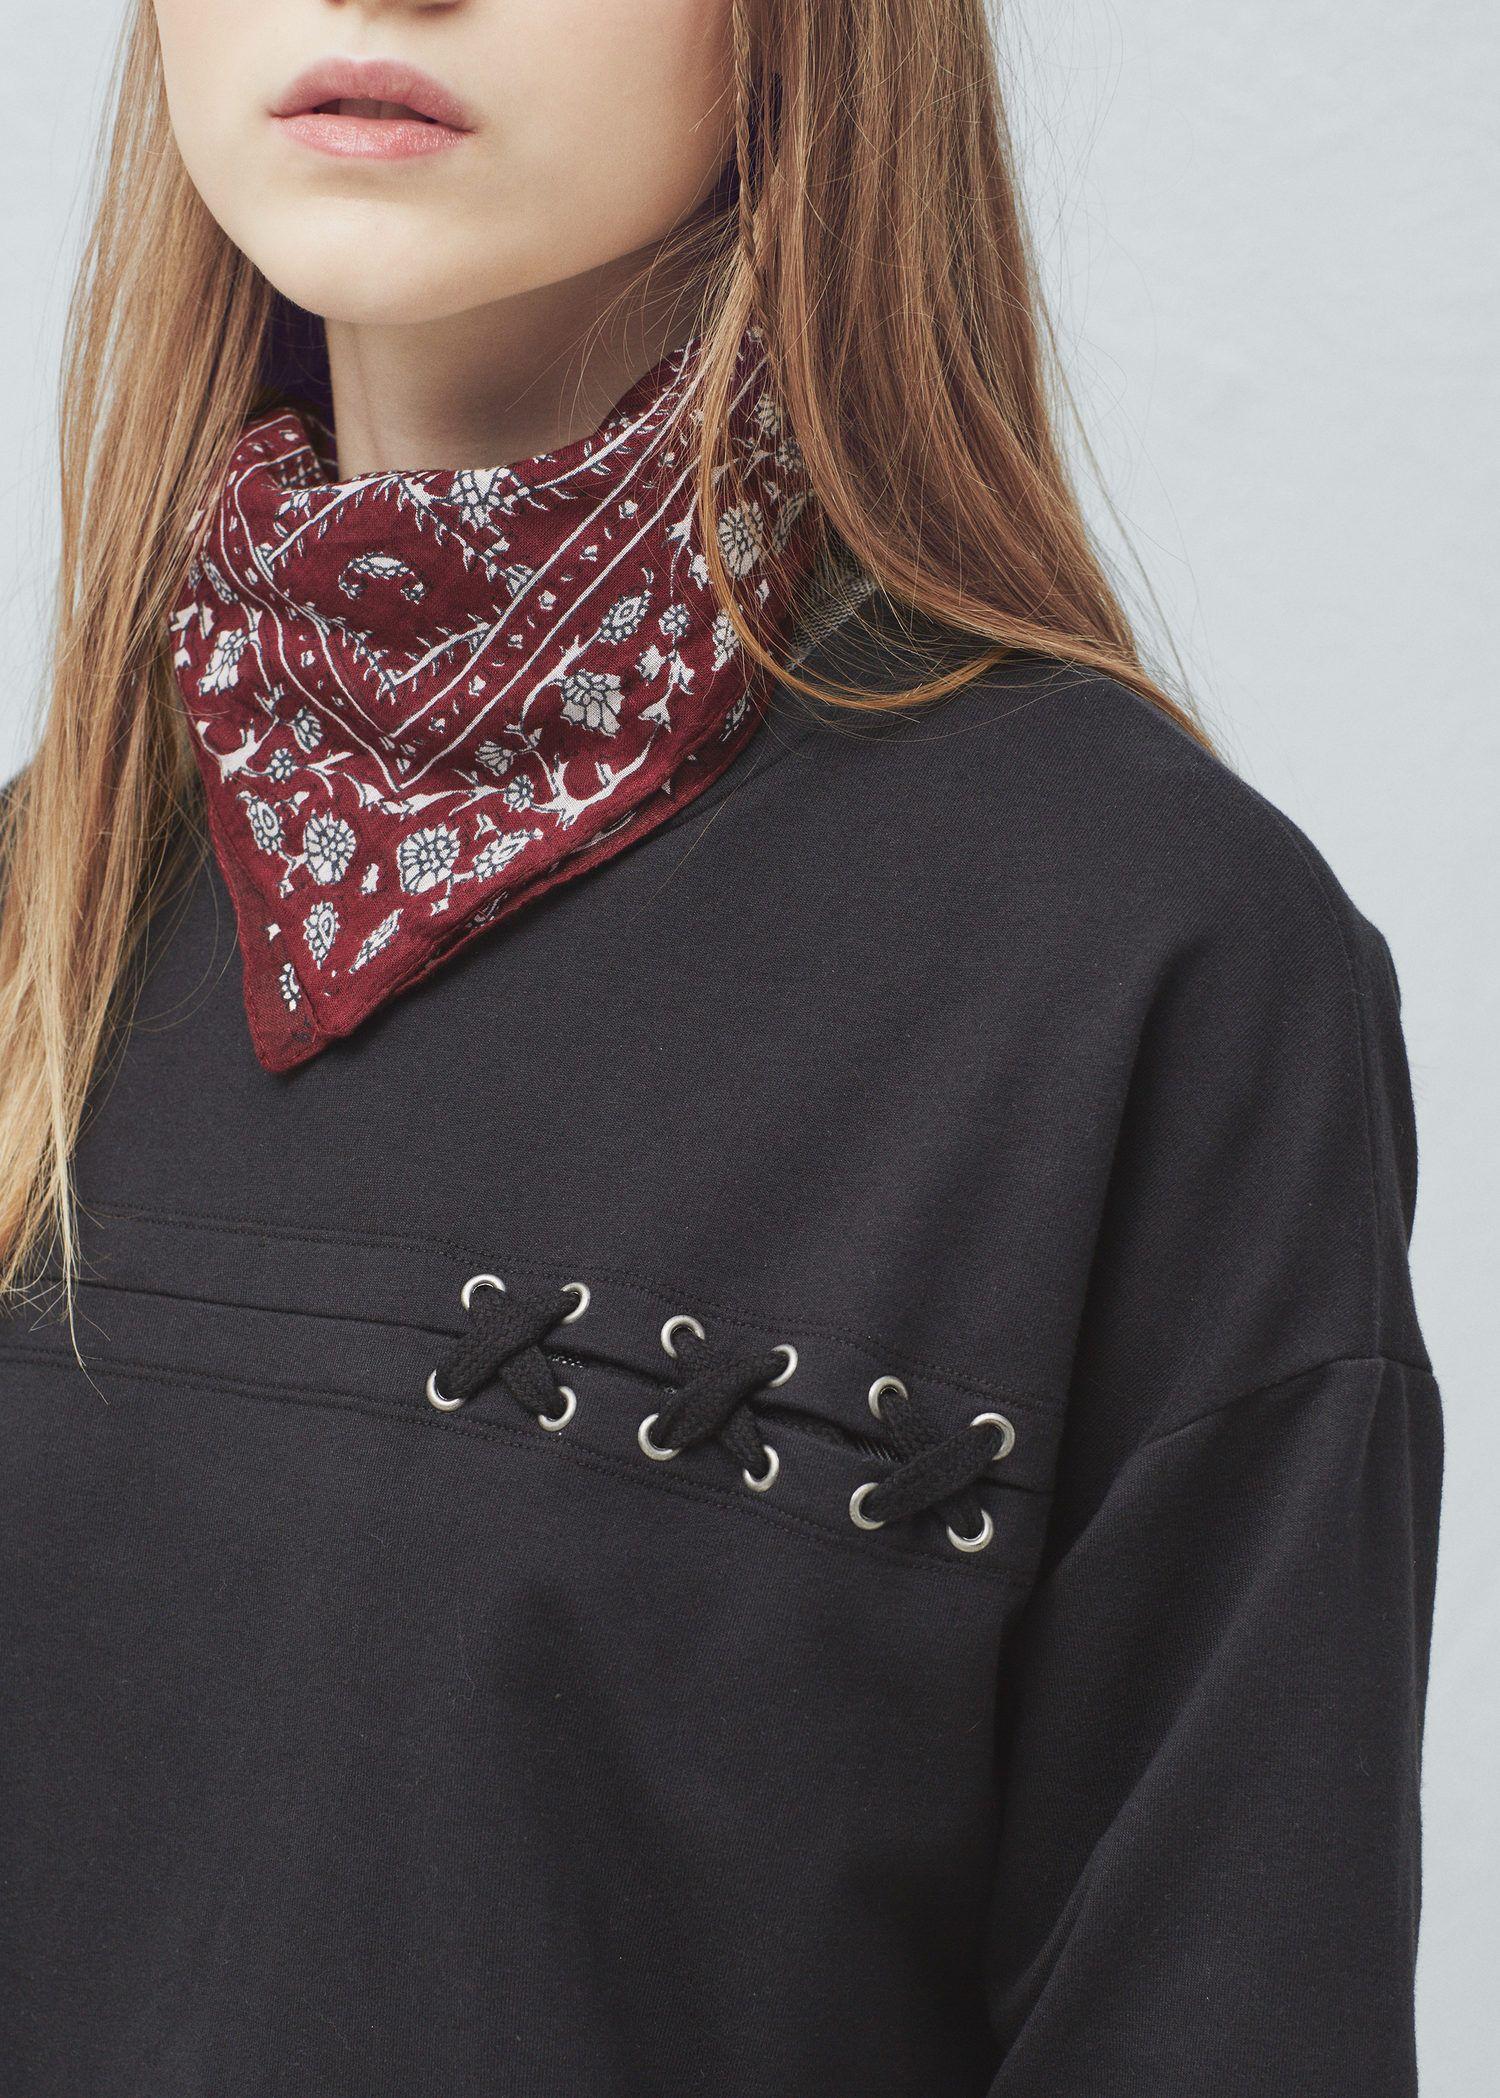 Baumwoll-sweatshirt mit kordeln - Cardigans und pullover für Damen   MANGO ae755fe481